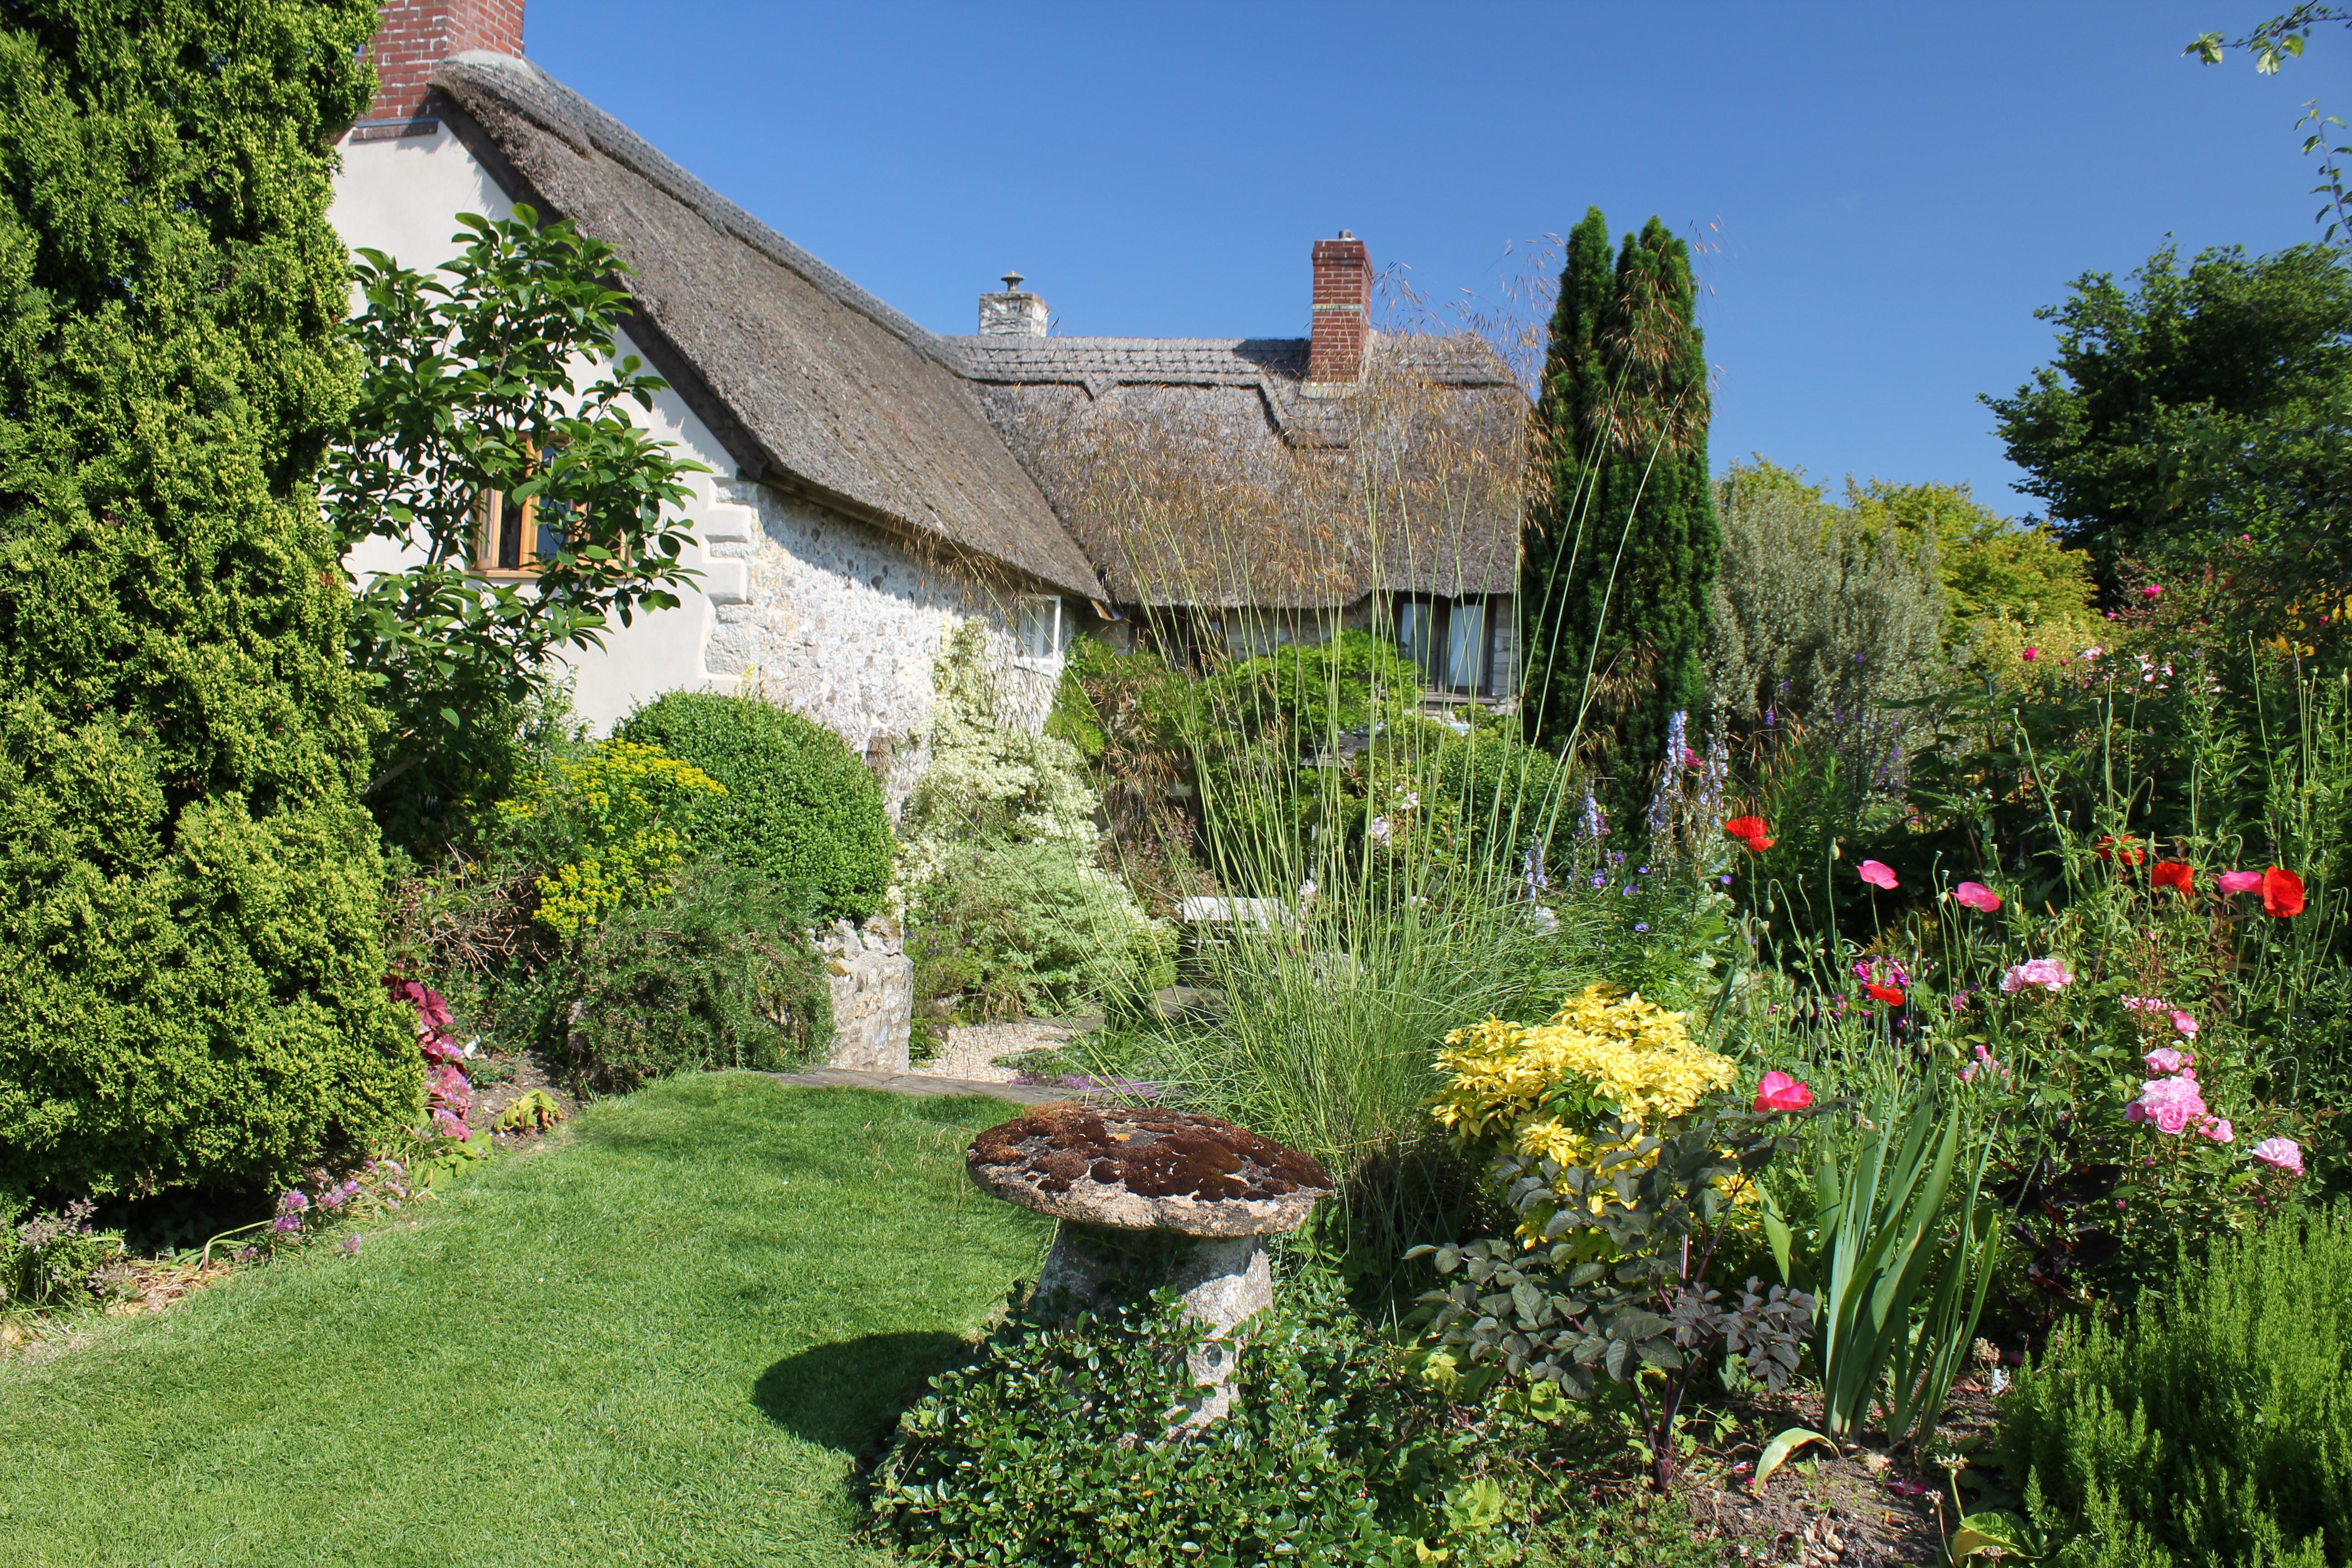 Giardini inglesi viaggi floreali for Giardini meravigliosi